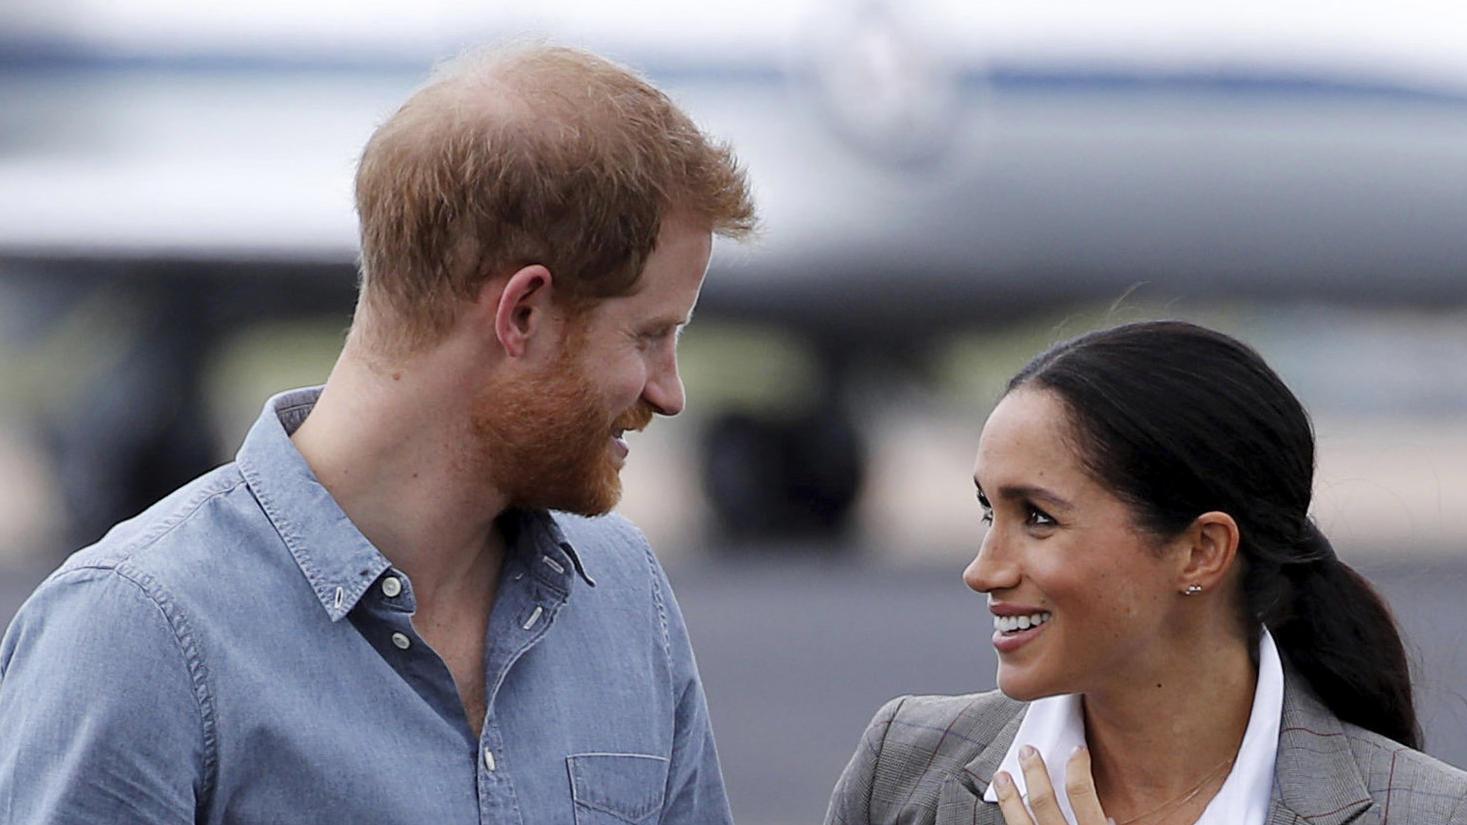 Prinz Harry und Meghan straheln. Ob die Eltern des kleinen Archies ein süßes Geheimnis hüten?